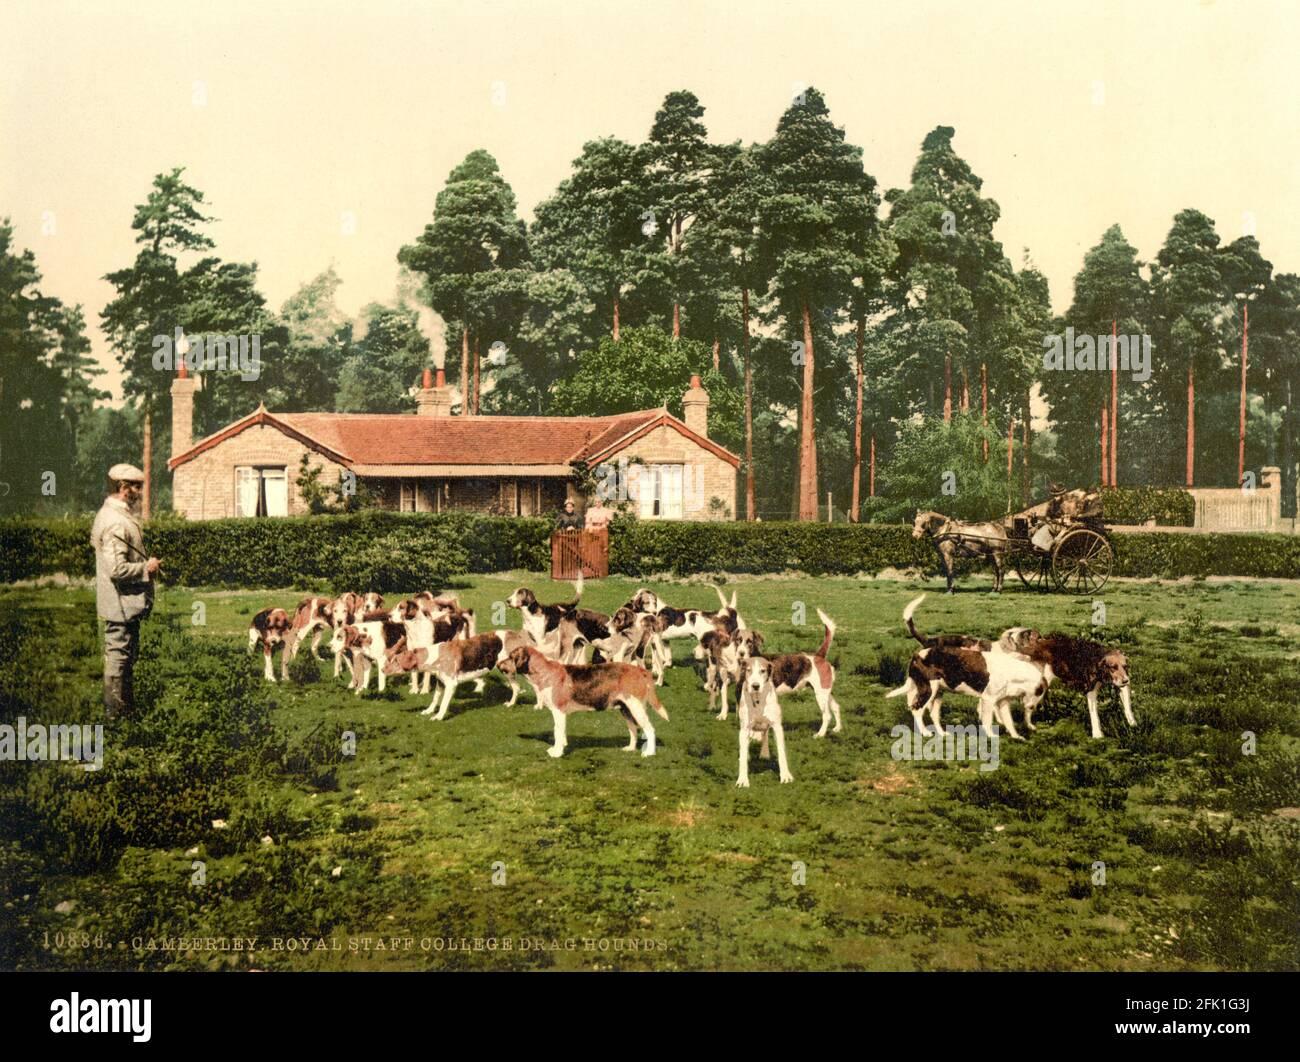 Le Royal Staff College se trouve à Camberley, Surrey, vers 1890-1900 Banque D'Images